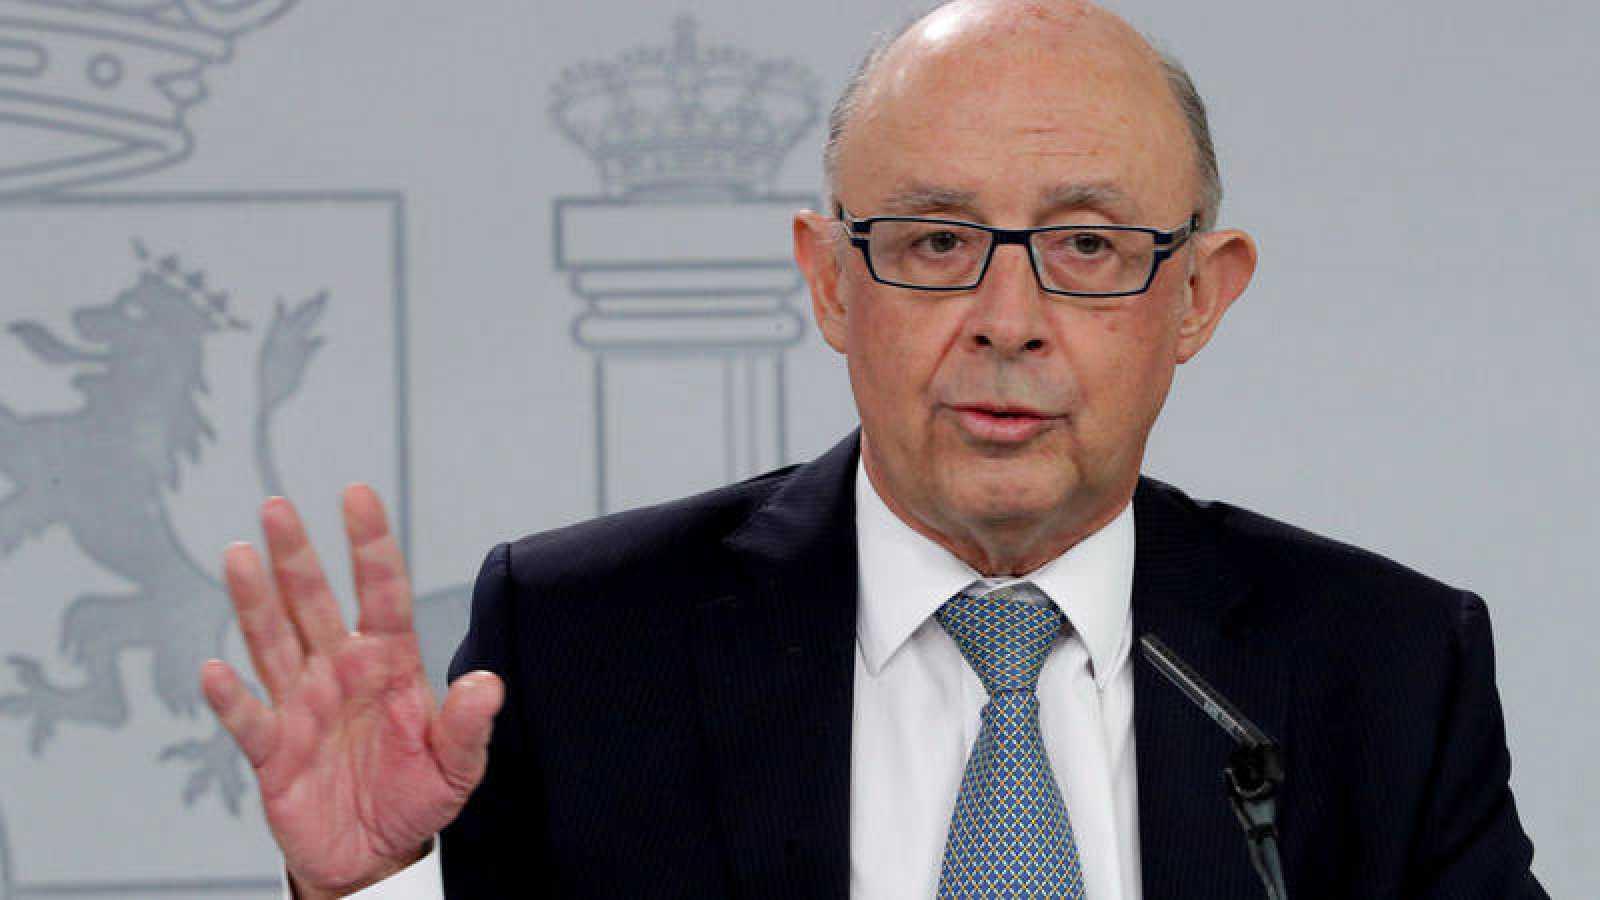 El ministro de Hacienda, Cristóbal Montoro, explica el proyecto de Presupuestos de 2018